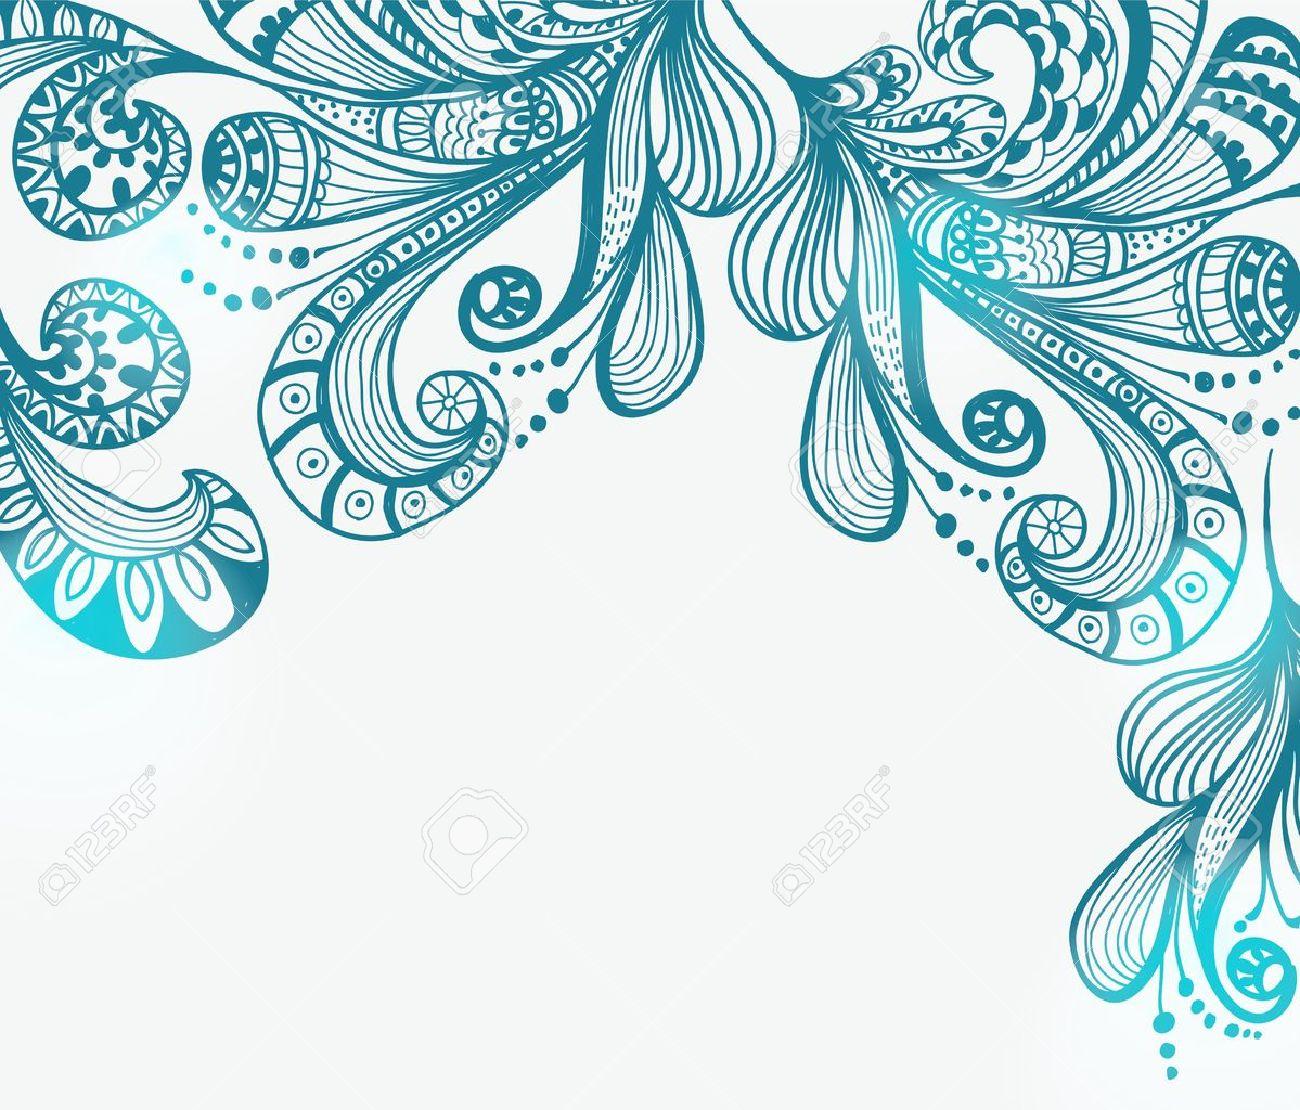 Romantic Blue Floral Background Illustration For Valentine Design